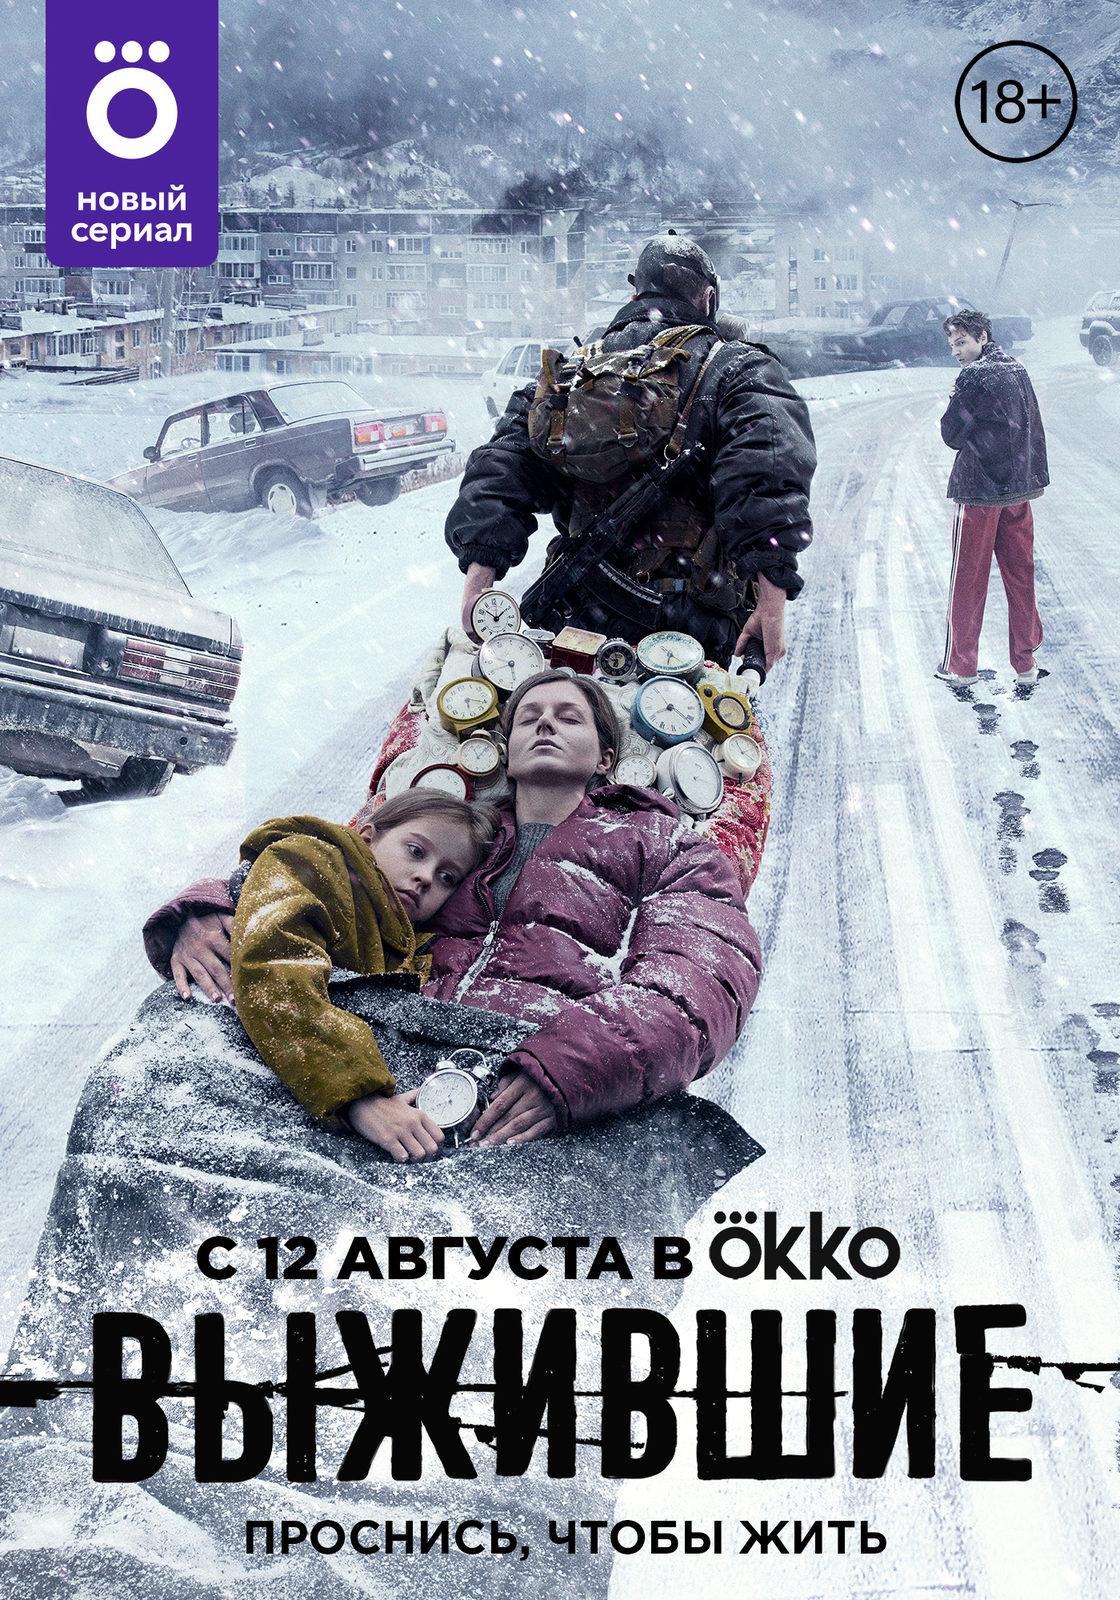 «Выжившие» с Алексеем Филимоновым и Артуром Смольяниновым стартуют в Okko 12 августа